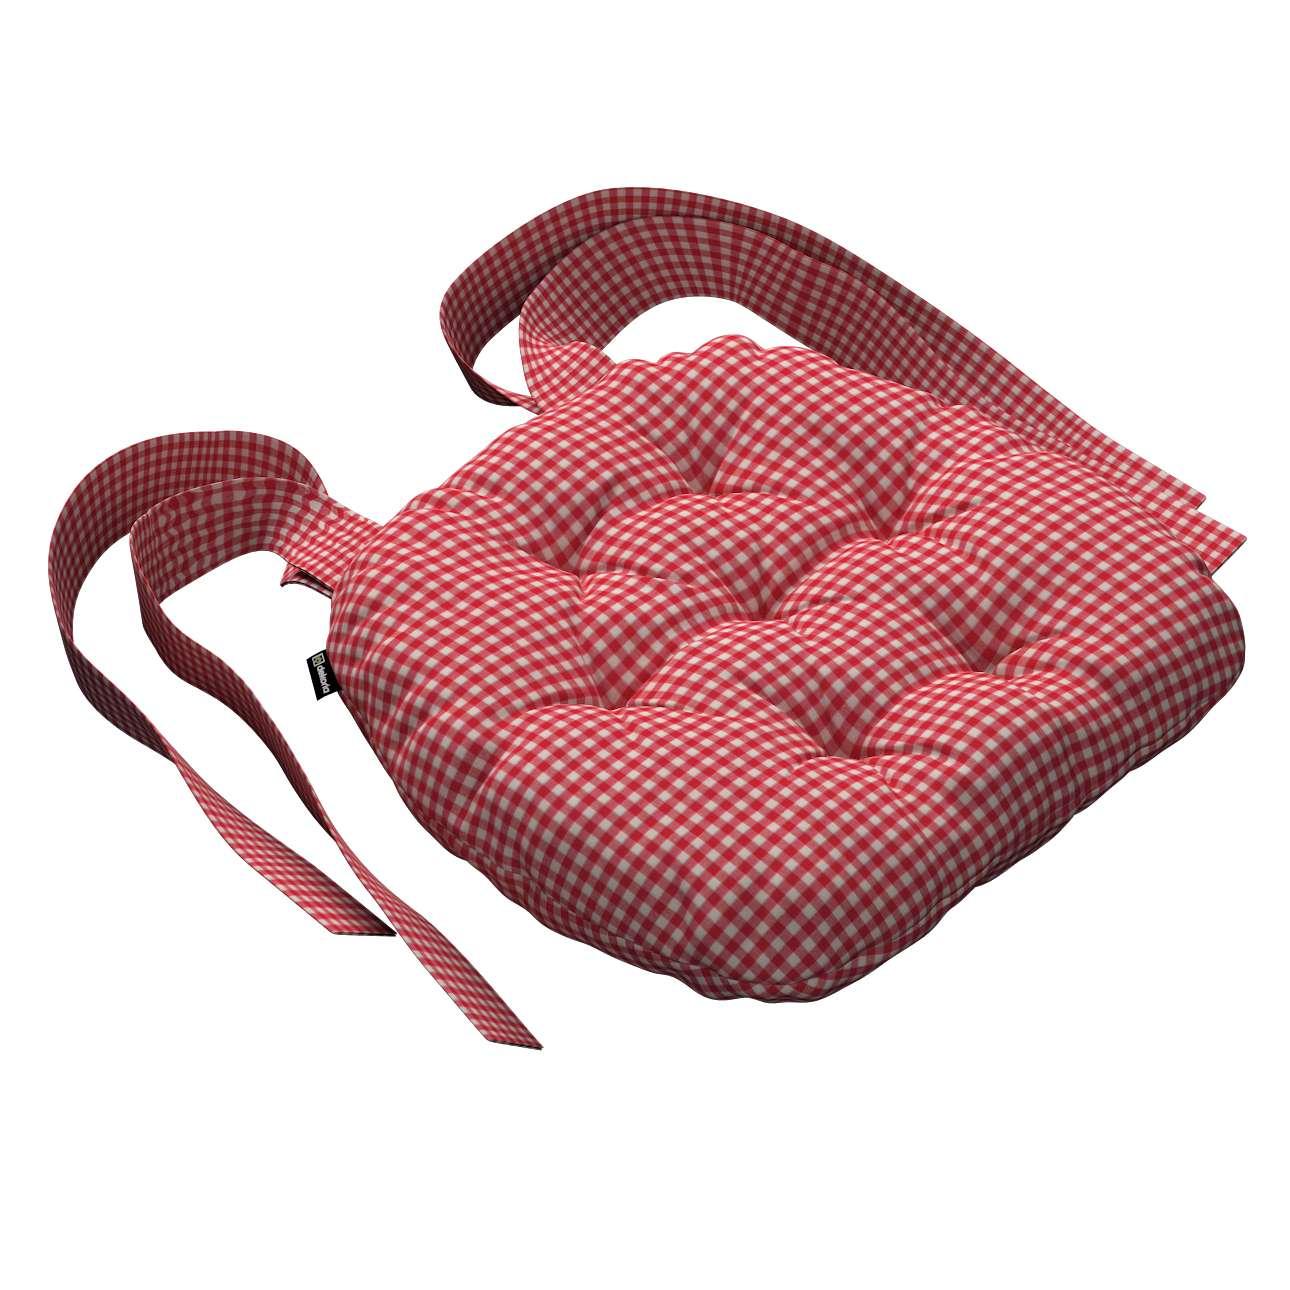 Siedzisko Marcin na krzesło 40x37x8cm w kolekcji Quadro, tkanina: 136-15